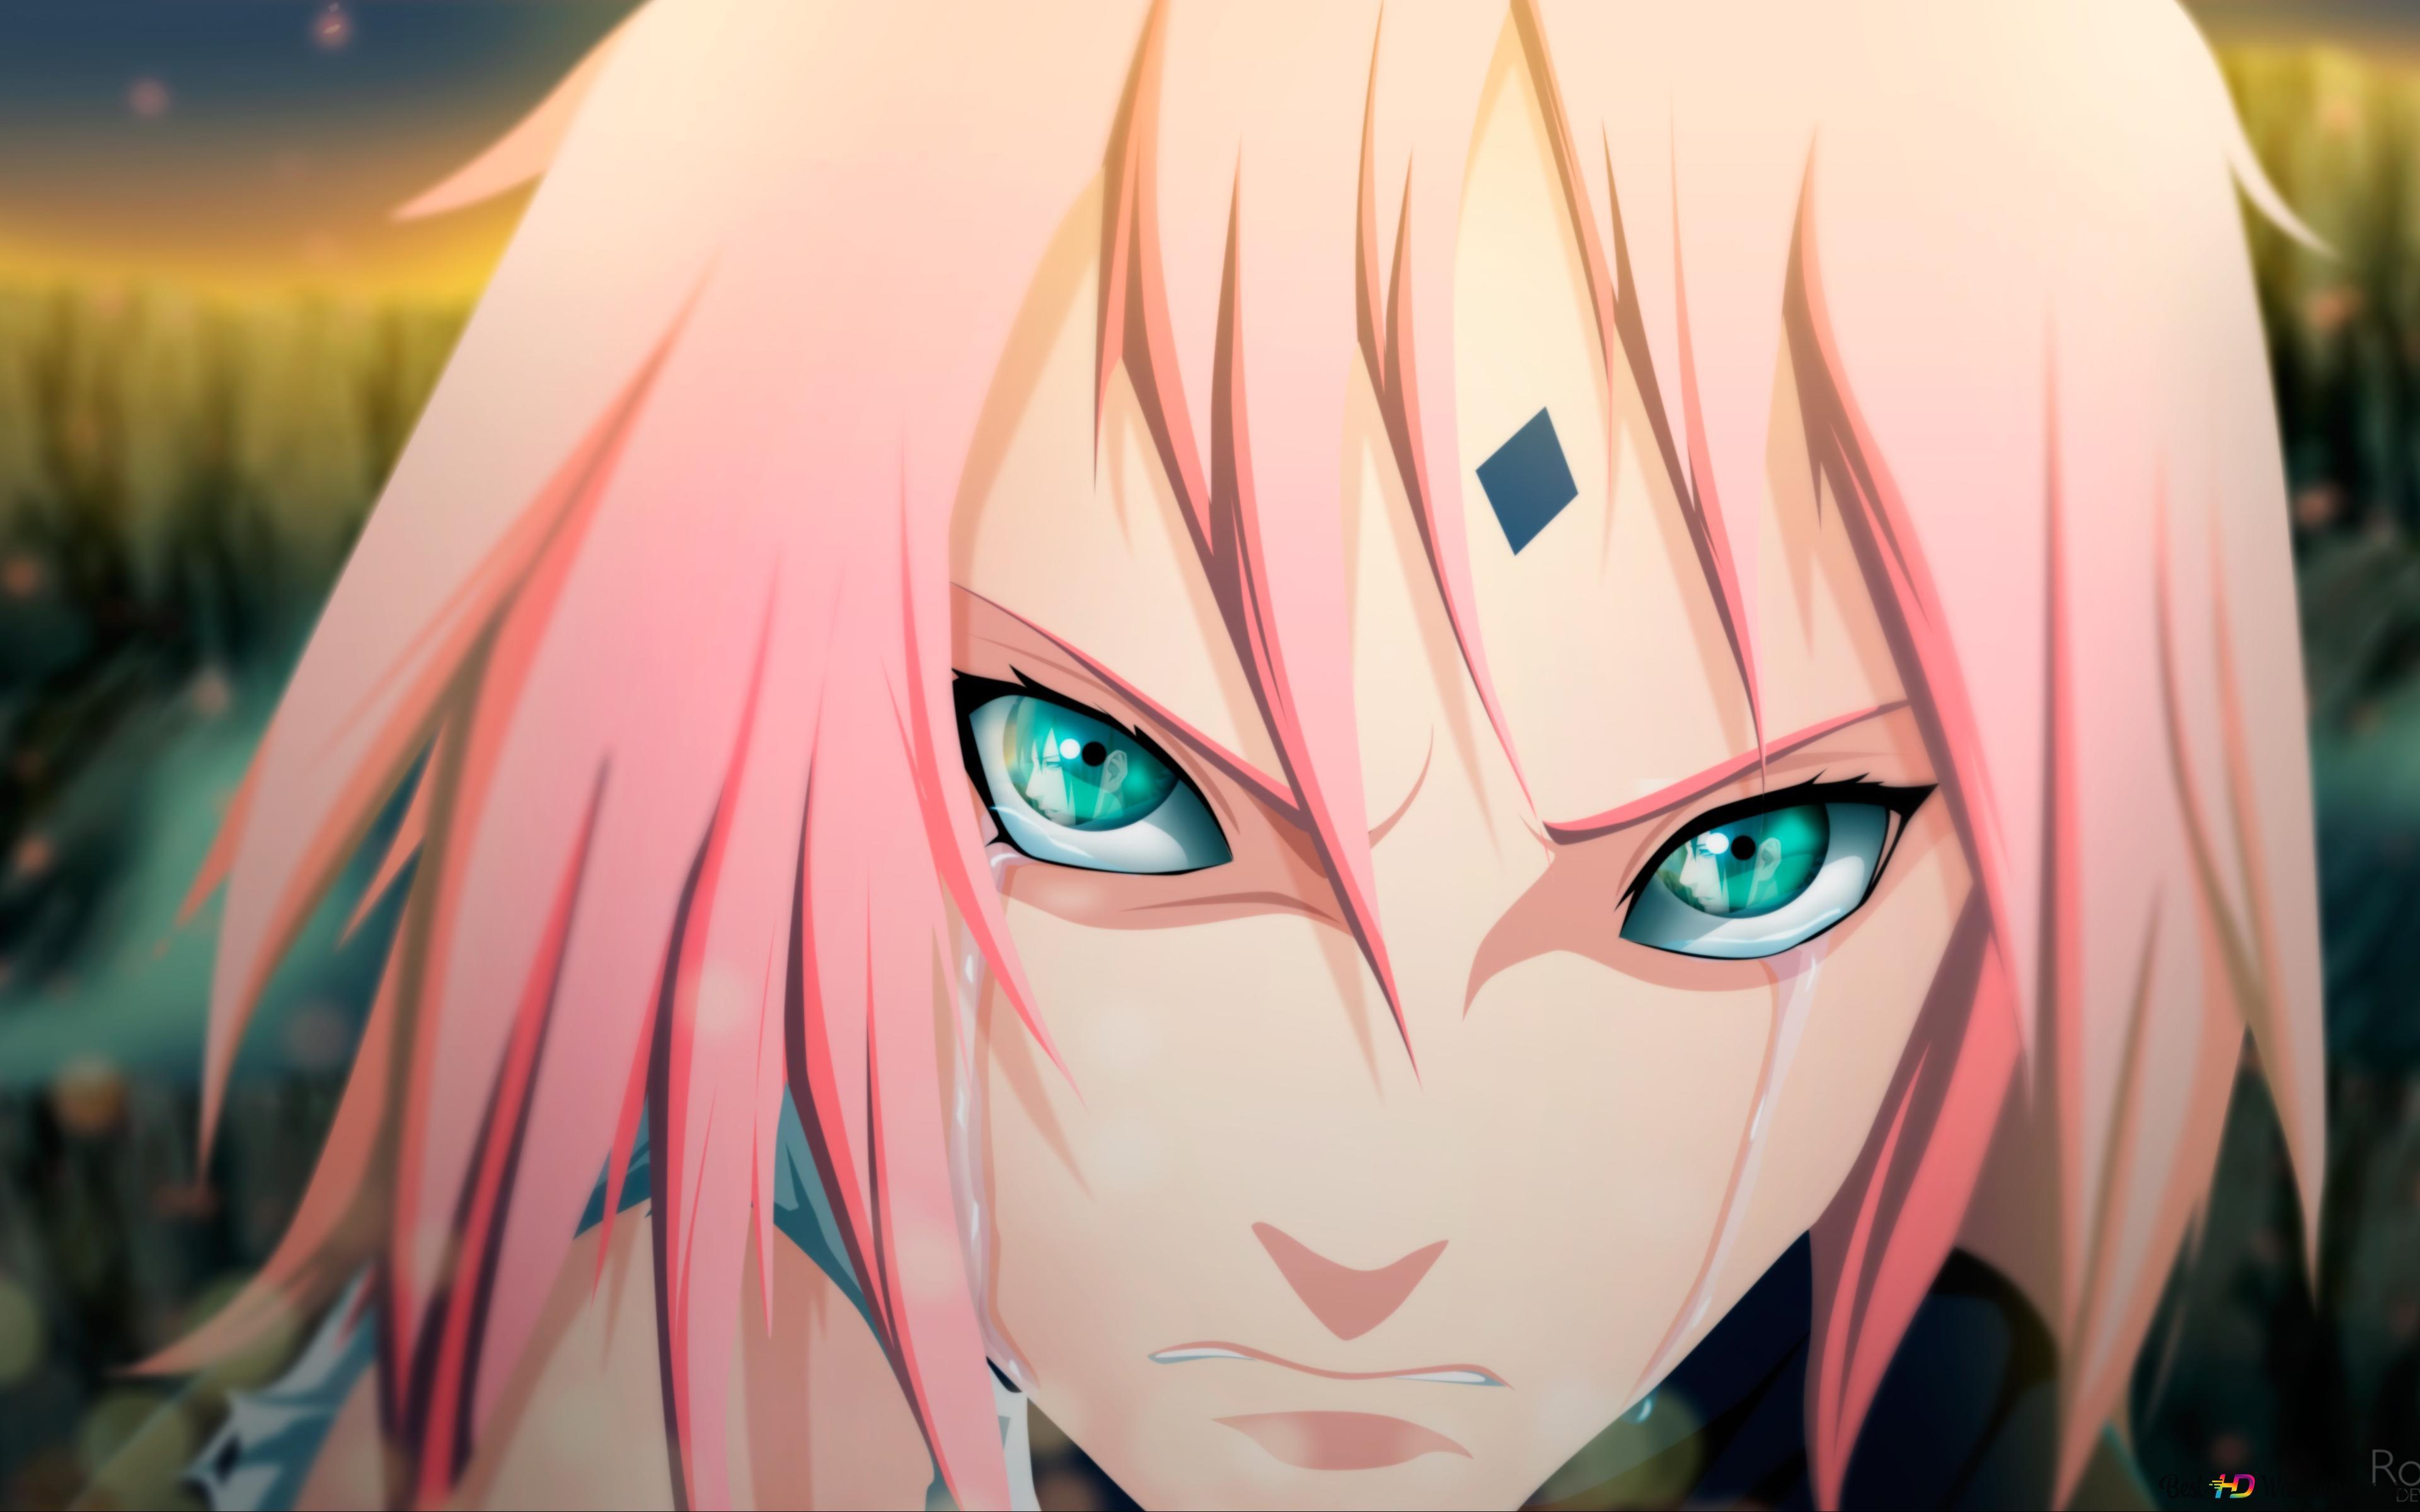 Naruto Shippuden Sakura Haruno Crying Hd Wallpaper Download